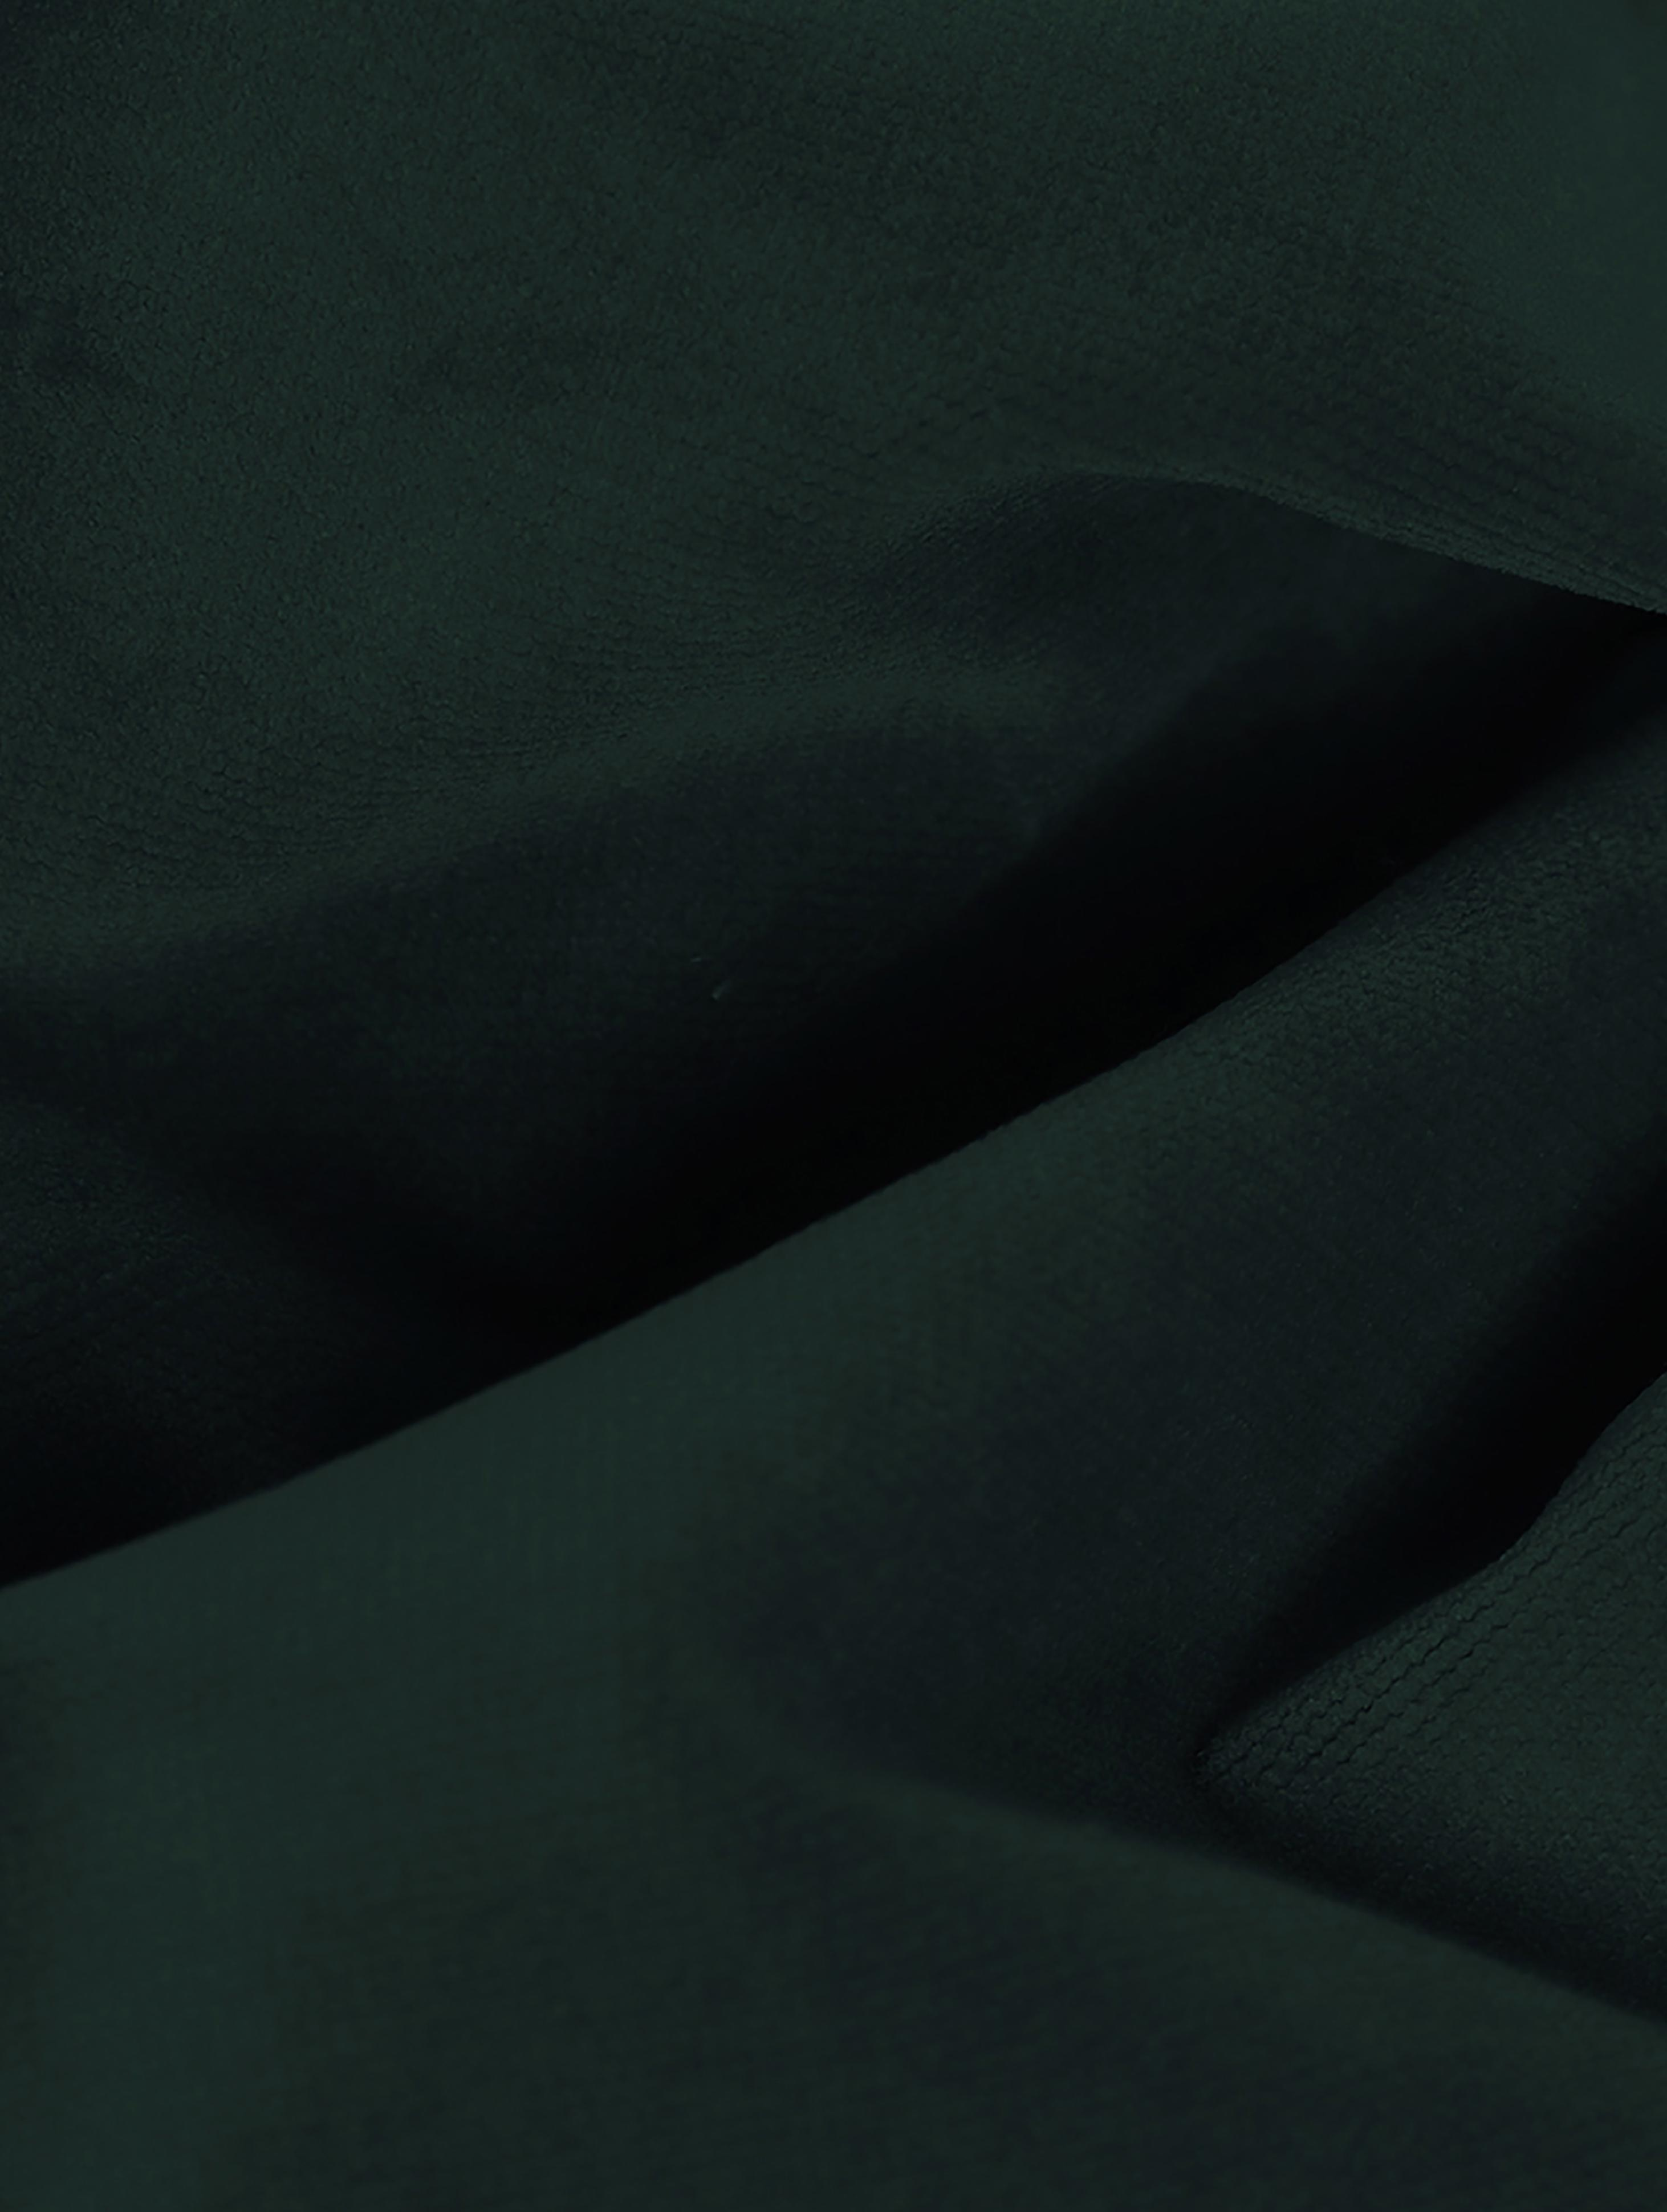 Divano 2 posti in velluto verde scuro Moby, Rivestimento: velluto (rivestimento in , Struttura: legno di pino massiccio, Piedini: metallo verniciato a polv, Velluto verde scuro, Larg. 170 x Prof. 95 cm